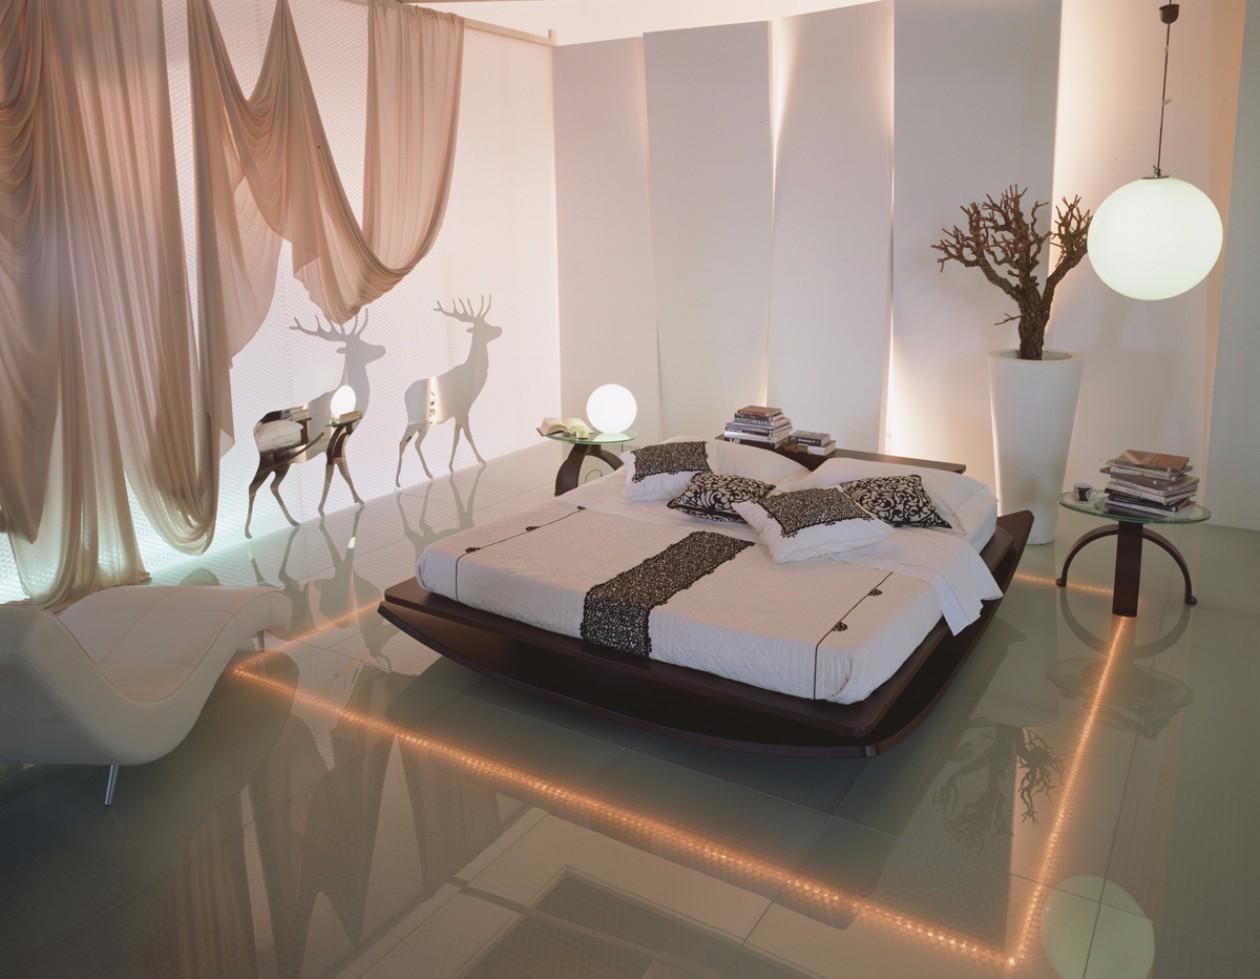 这样的卧室装修想不赖床都难! 卧室,设计,可以,复古,优雅 第2张图片